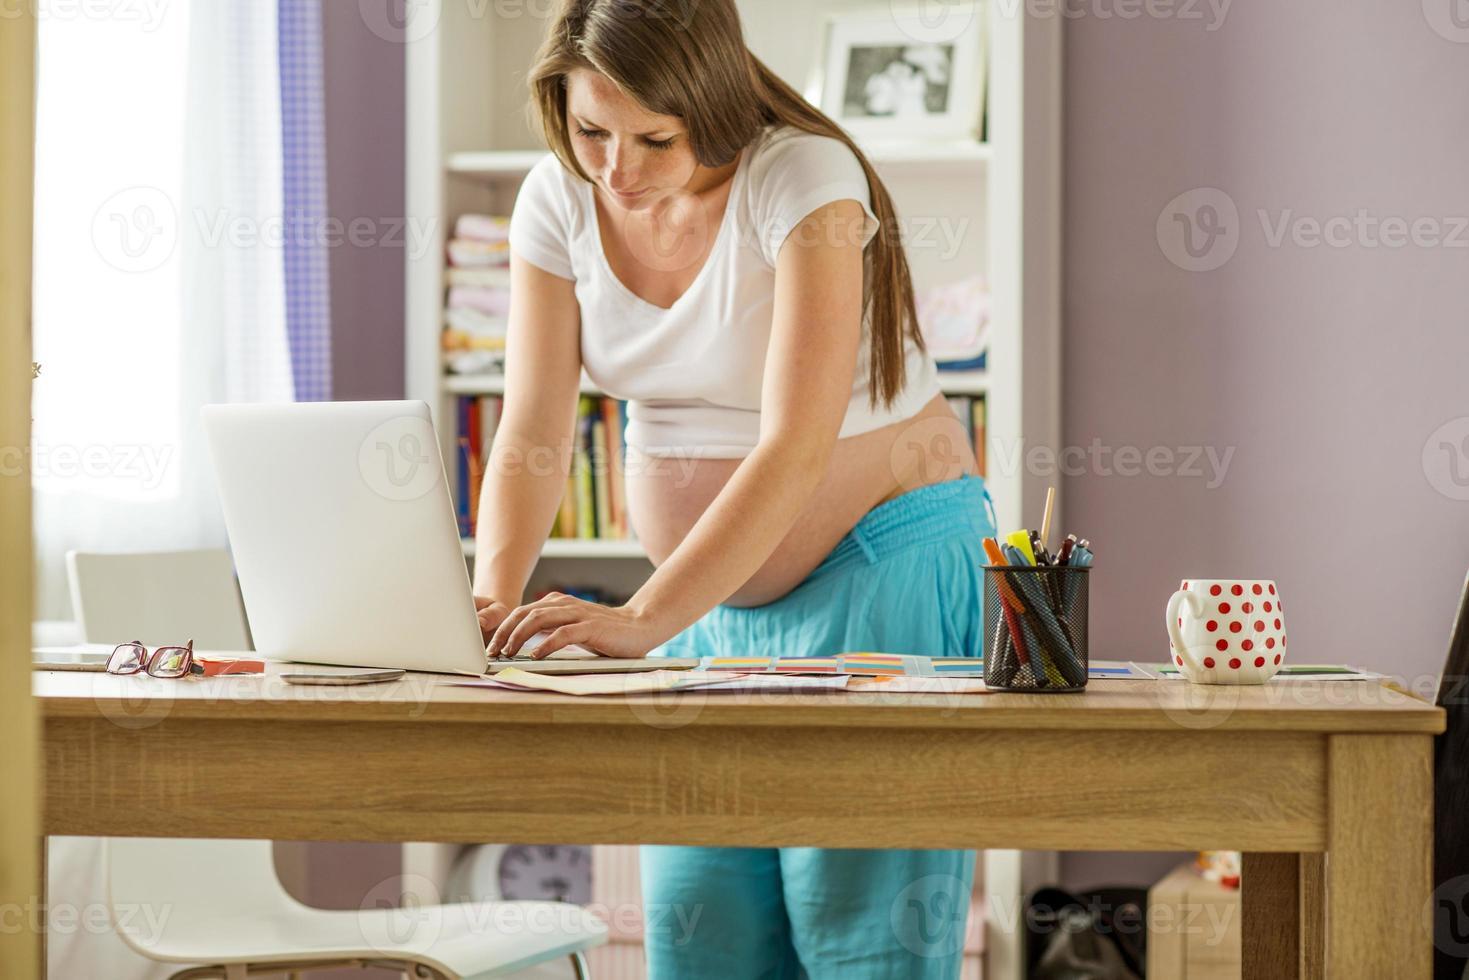 mulher grávida trabalhando em casa foto